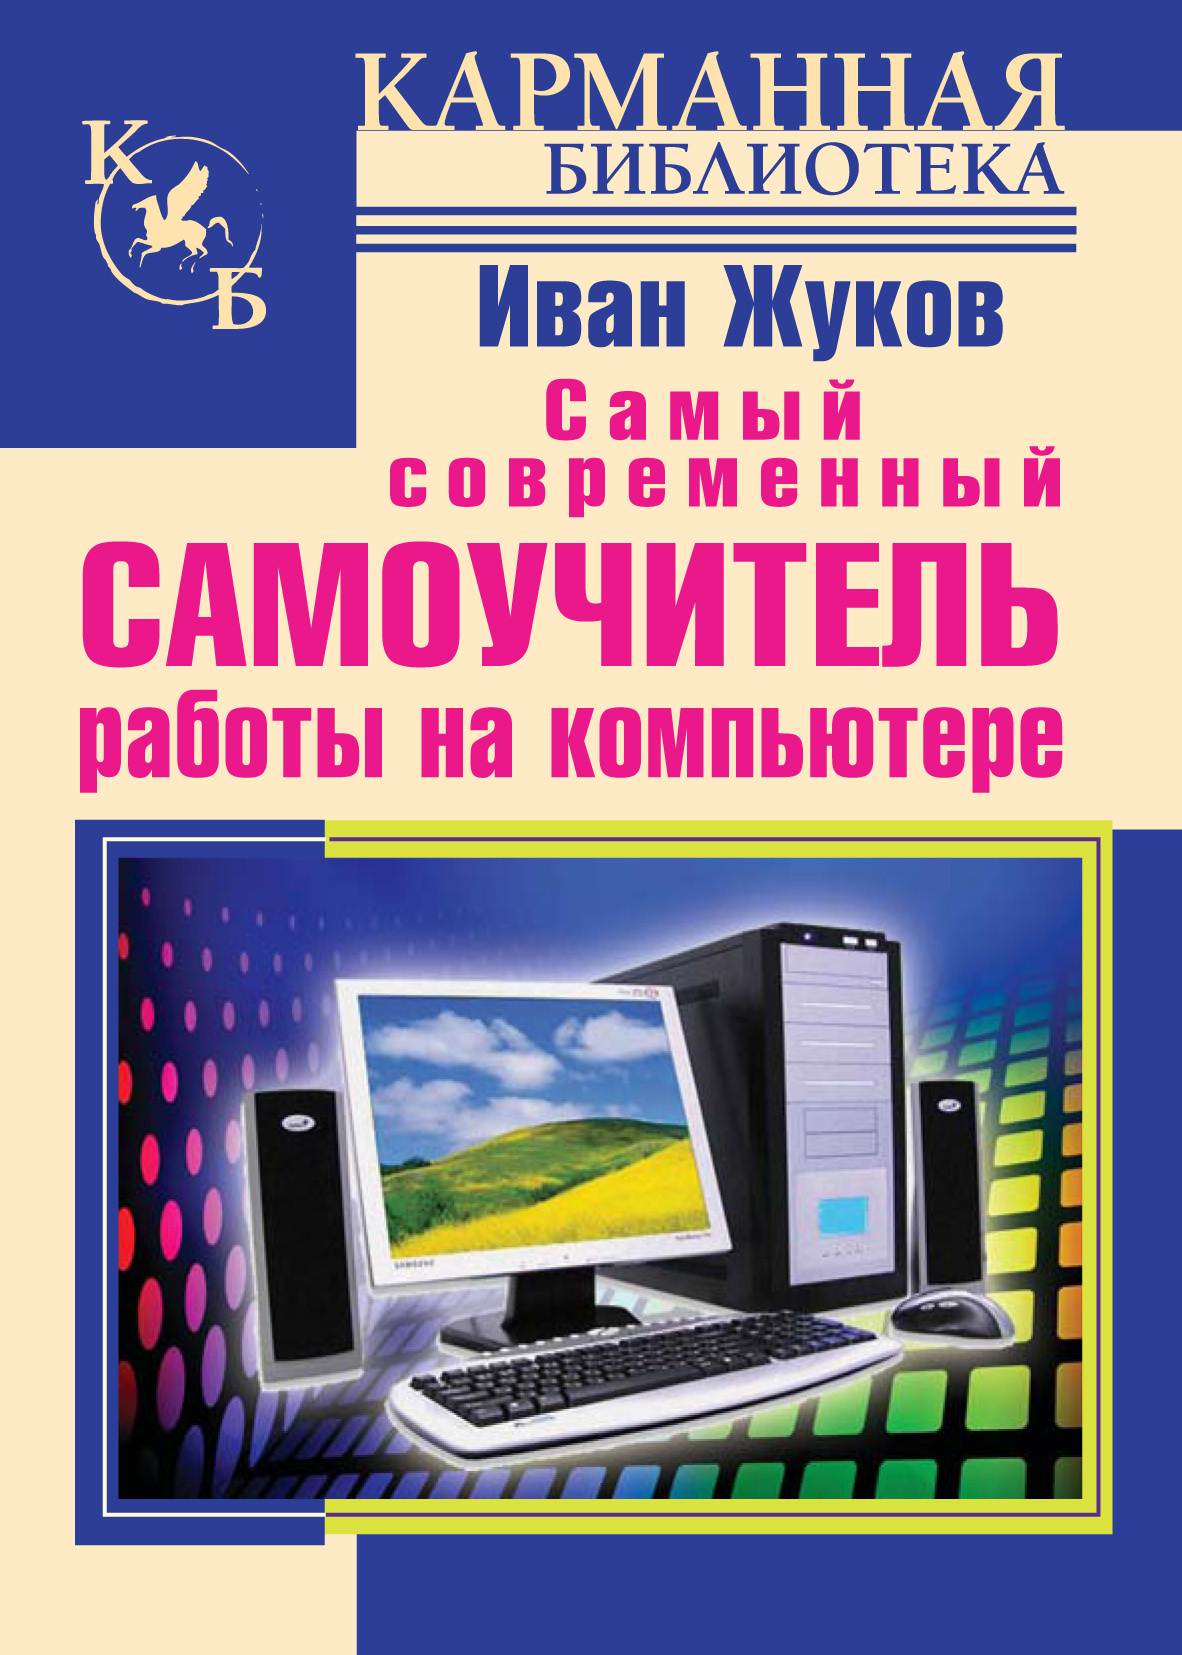 Иван Жуков Самый современный самоучитель работы на компьютере леонов василий самоучитель работы на компьютере cd